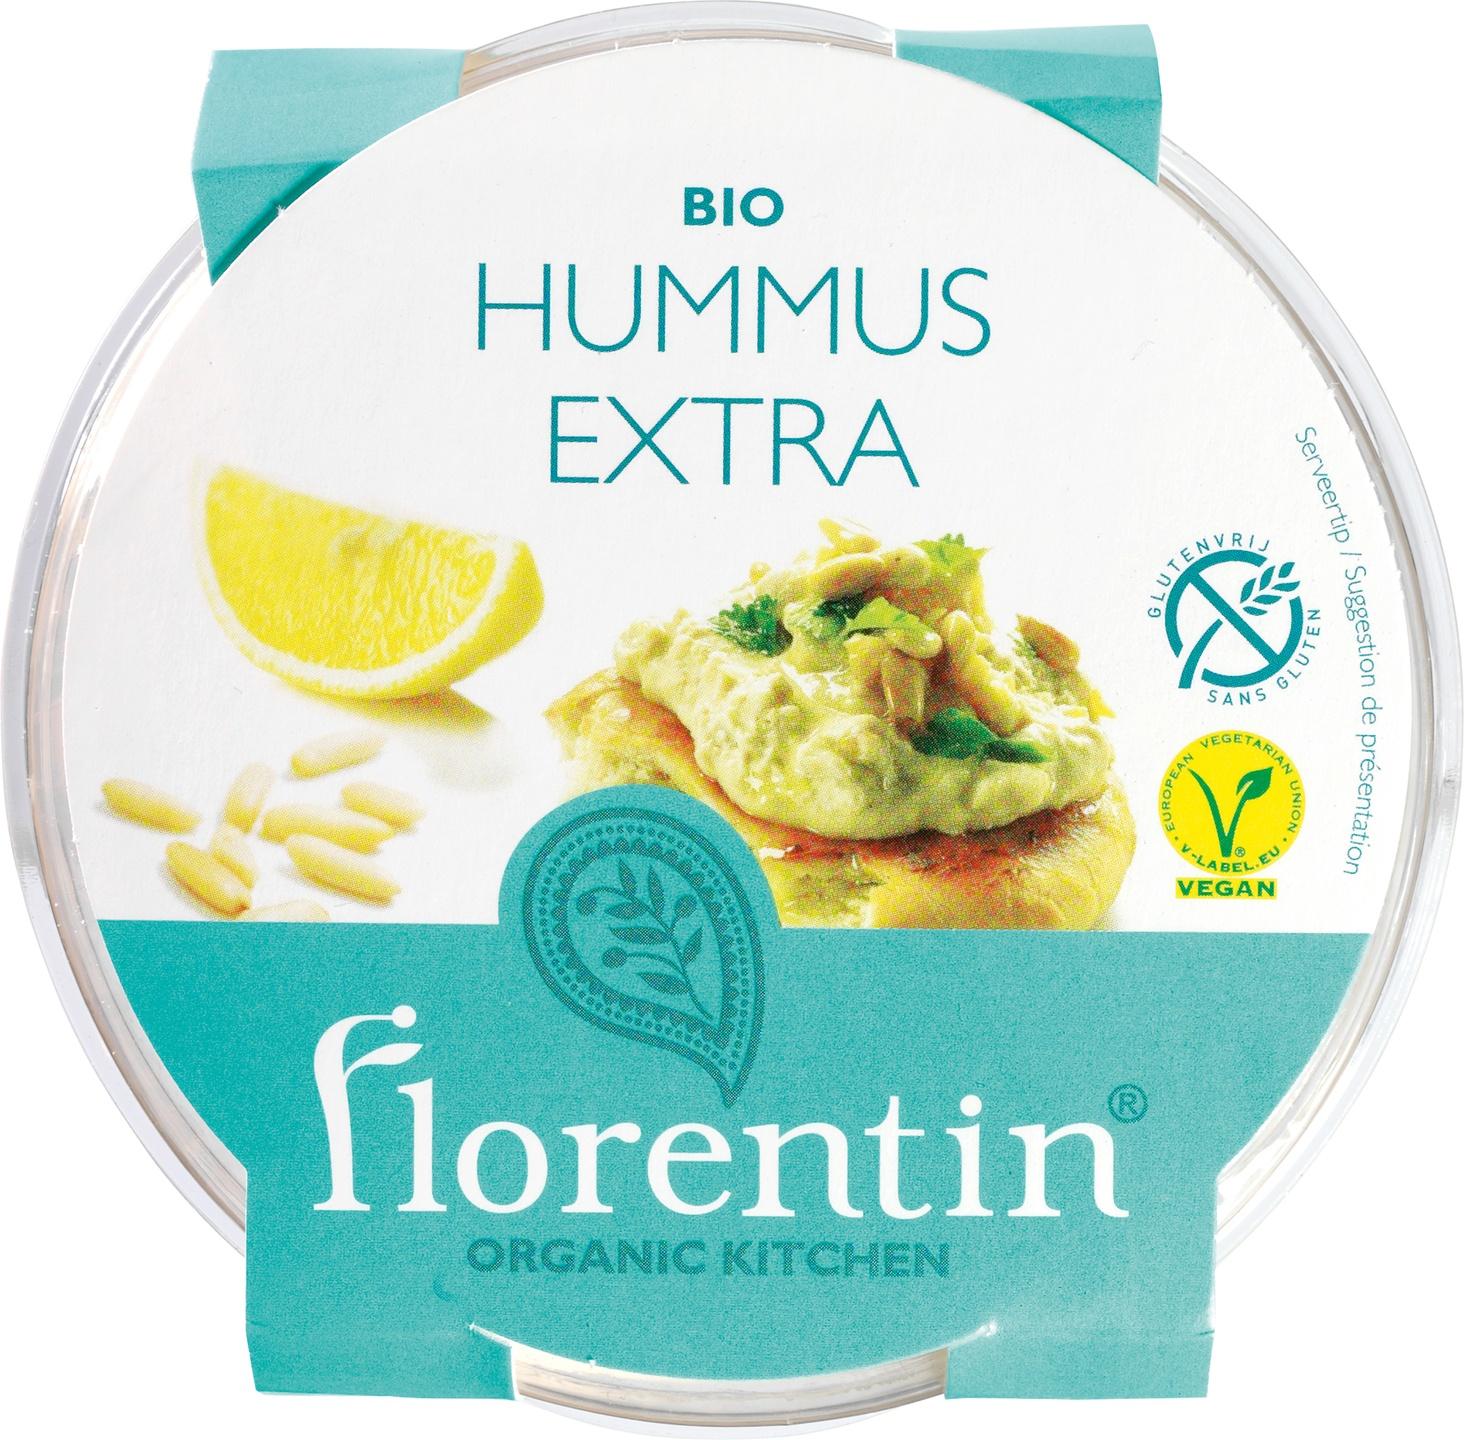 -14% SALE | Biologische Florentin Hummus extra 200 gr